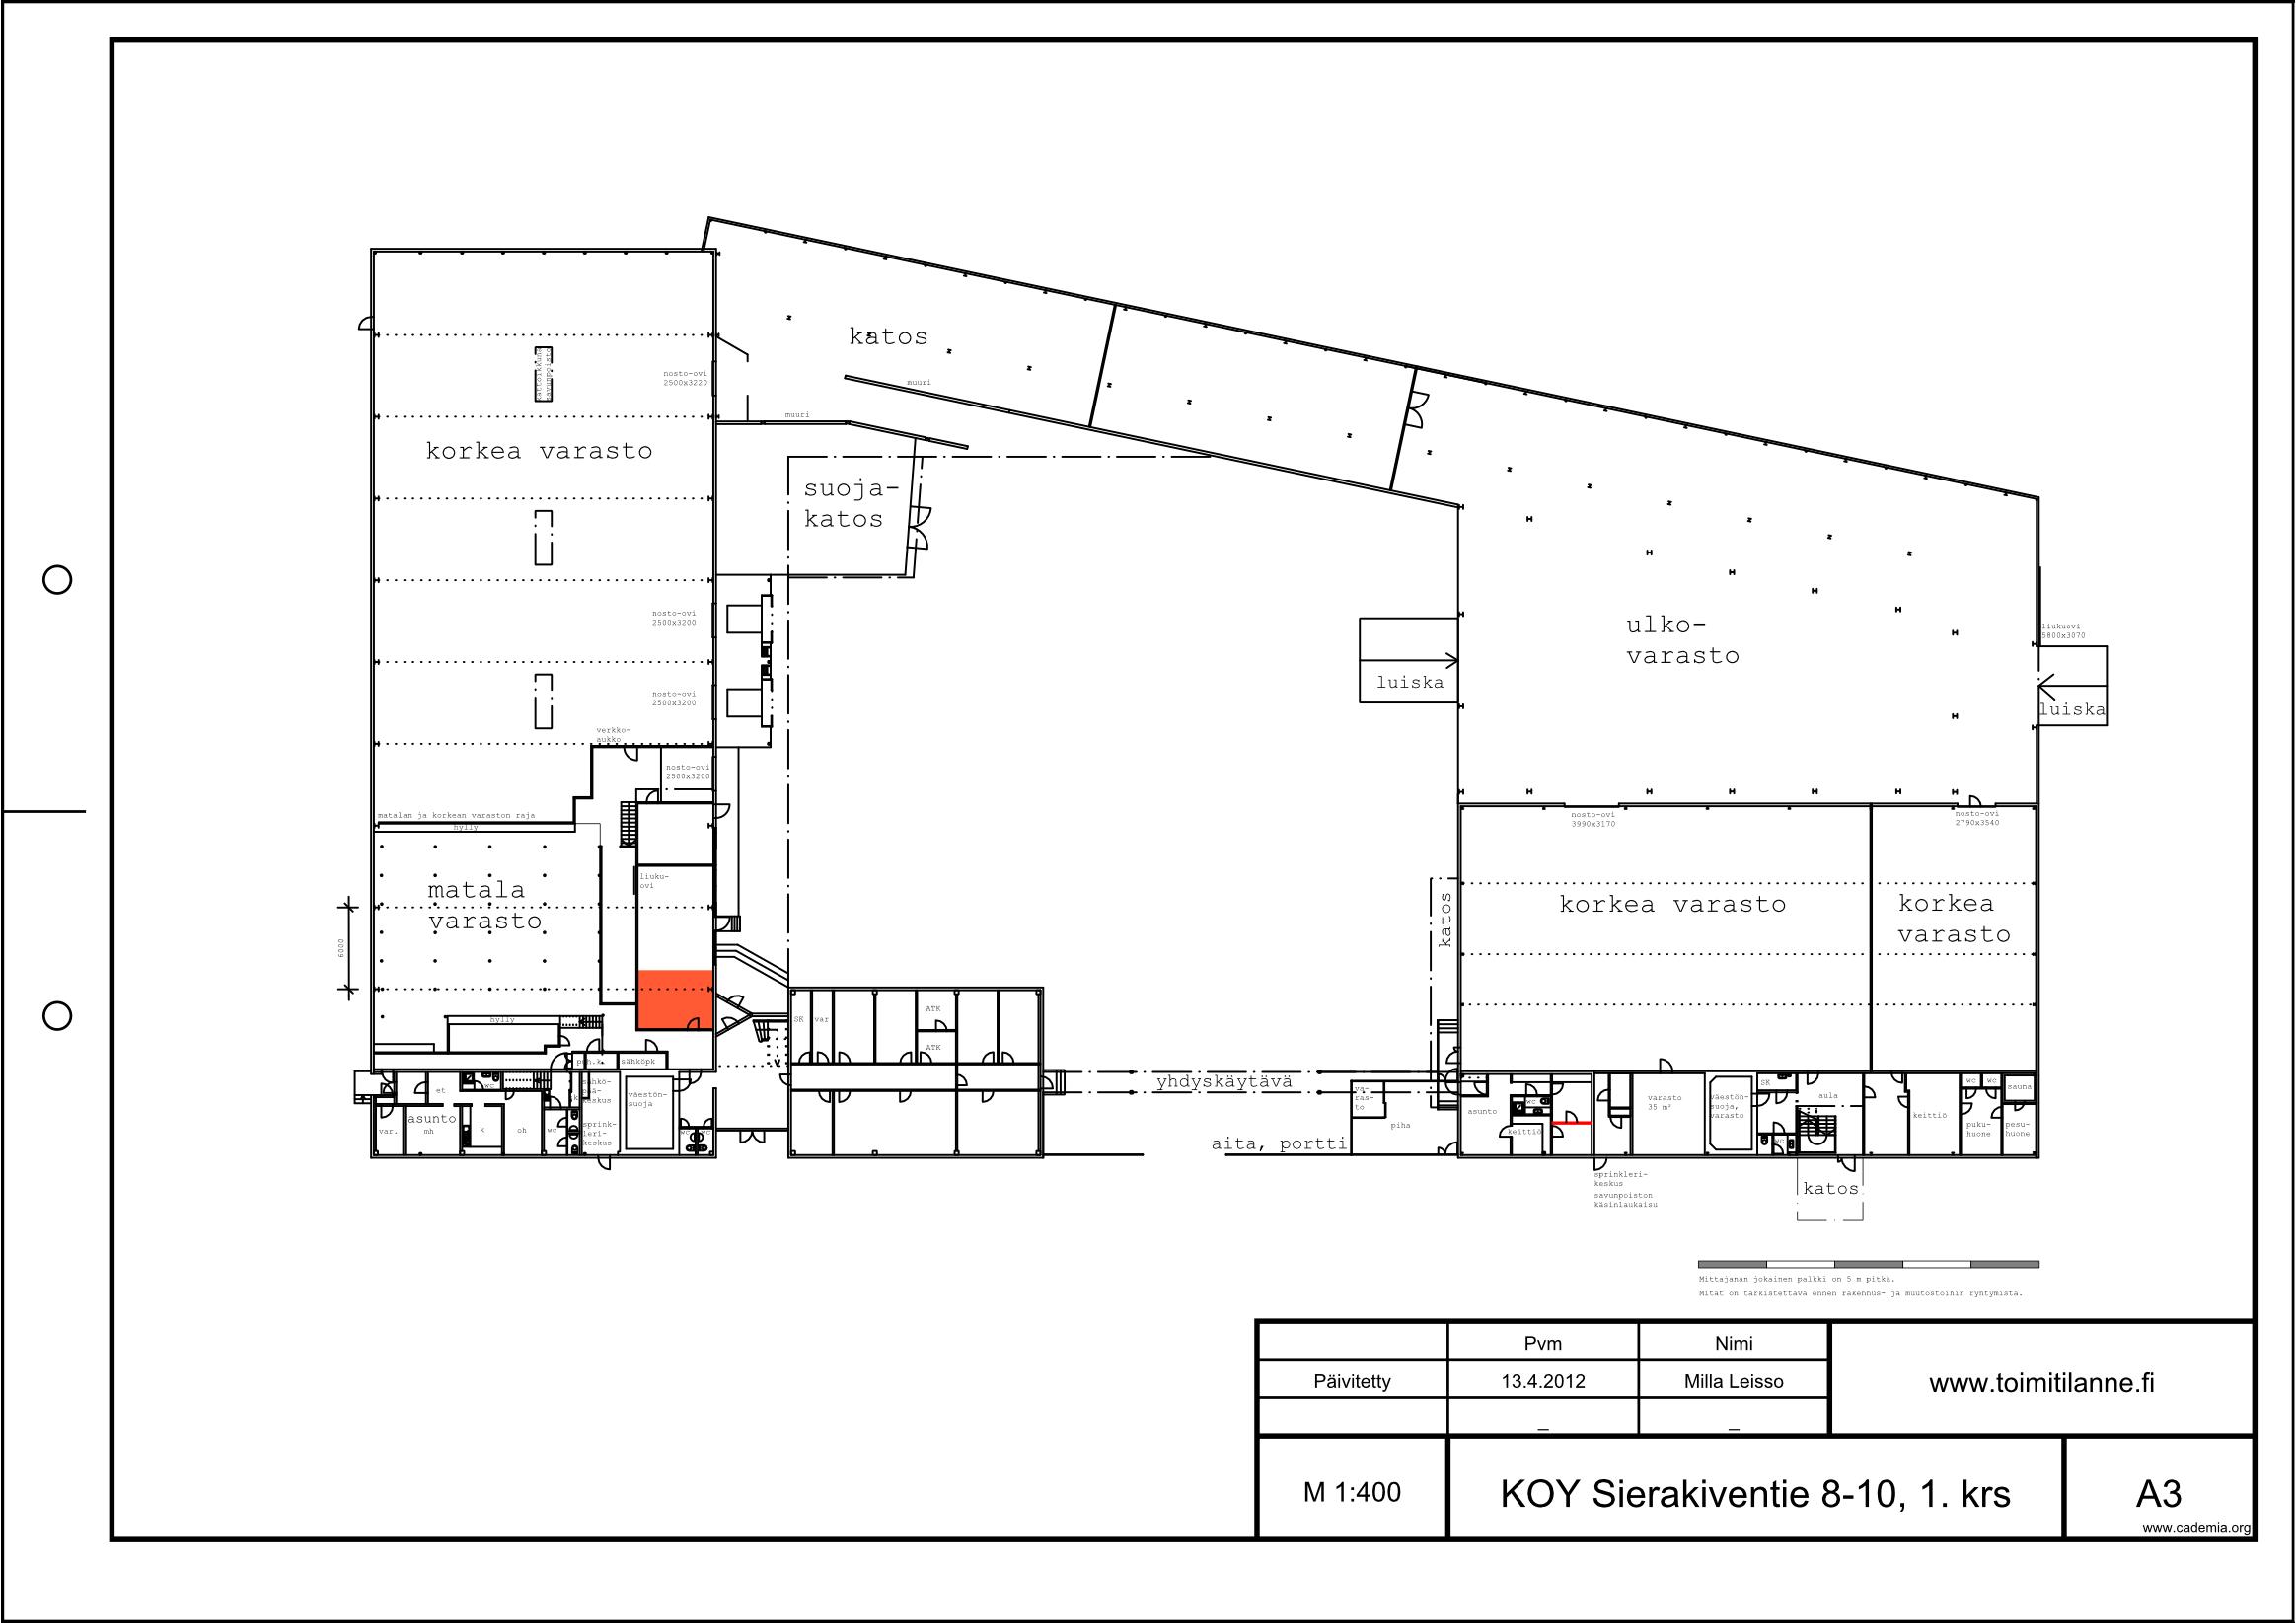 Toimitilanne Suomi, Espoo - Kauklahti, Sierakiventie 8-10, Varastotila 27 m²